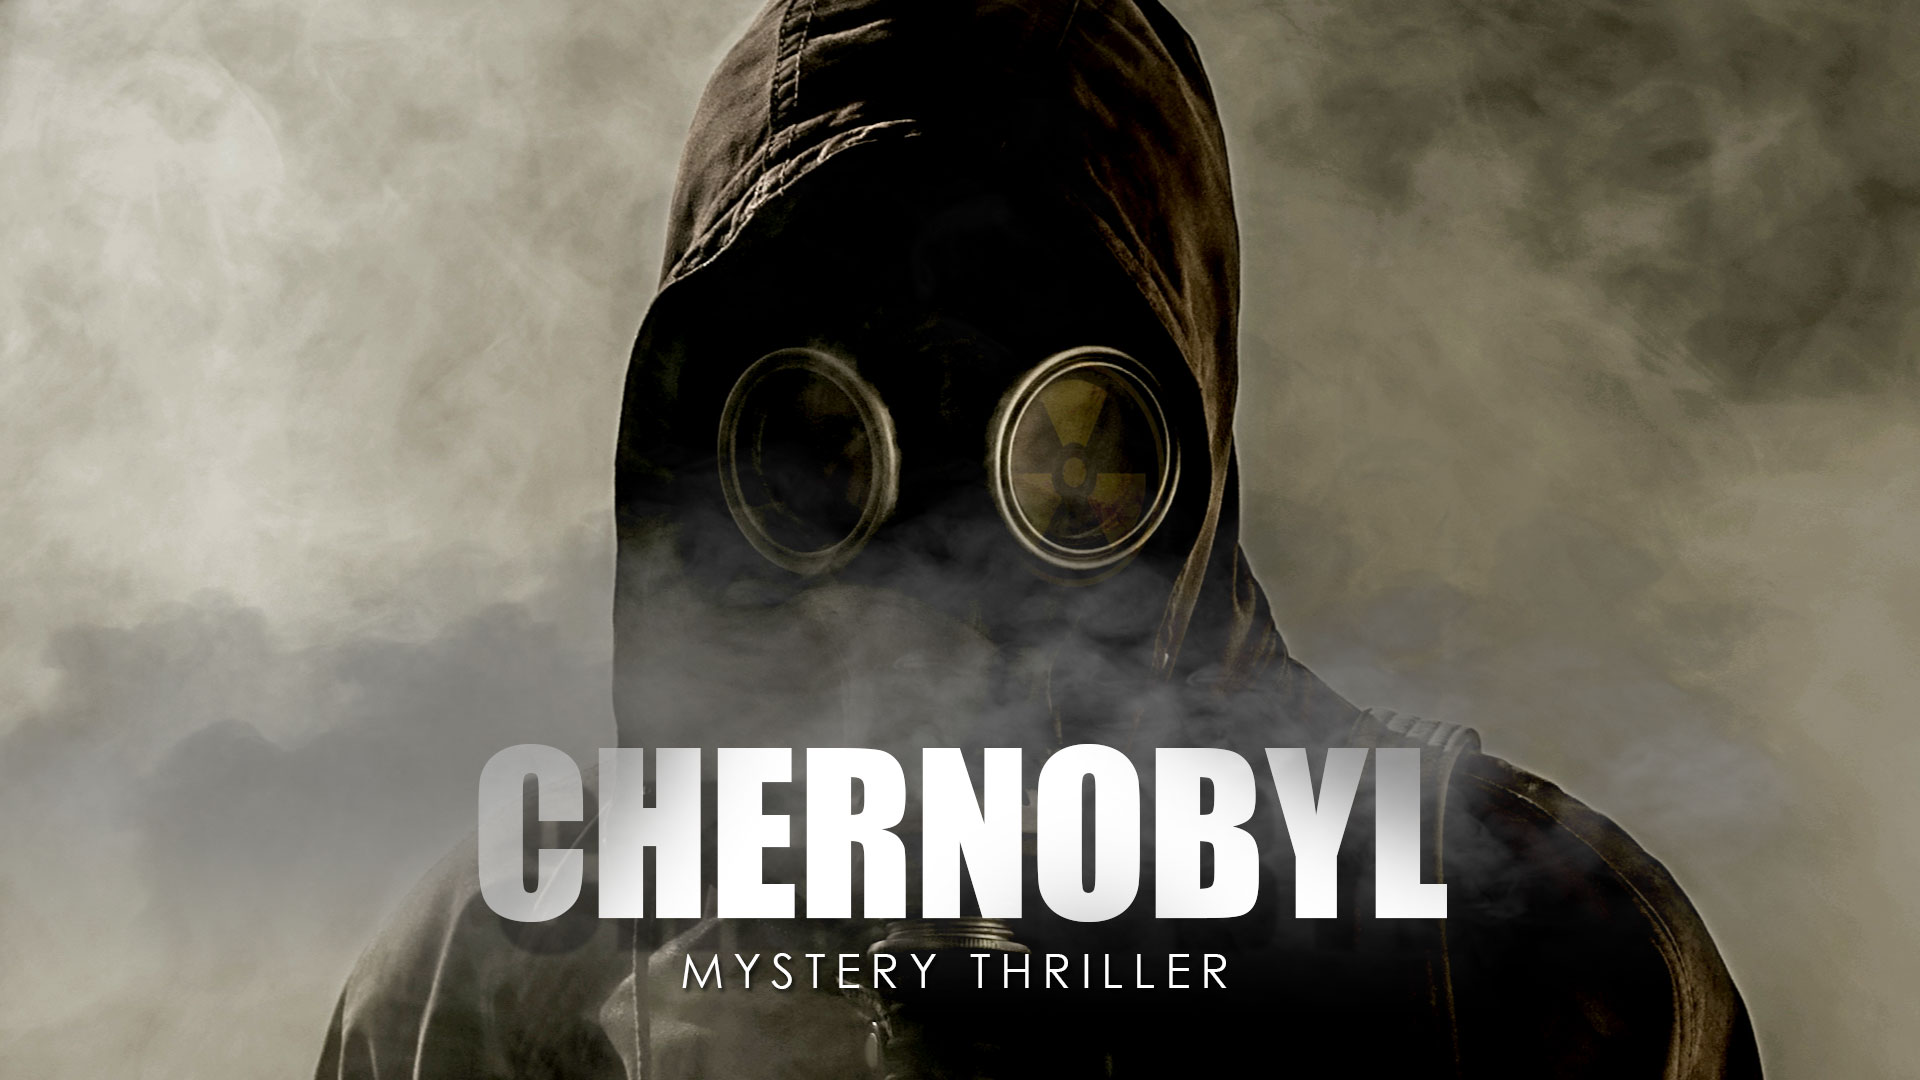 TheStart-CHERNOBYL